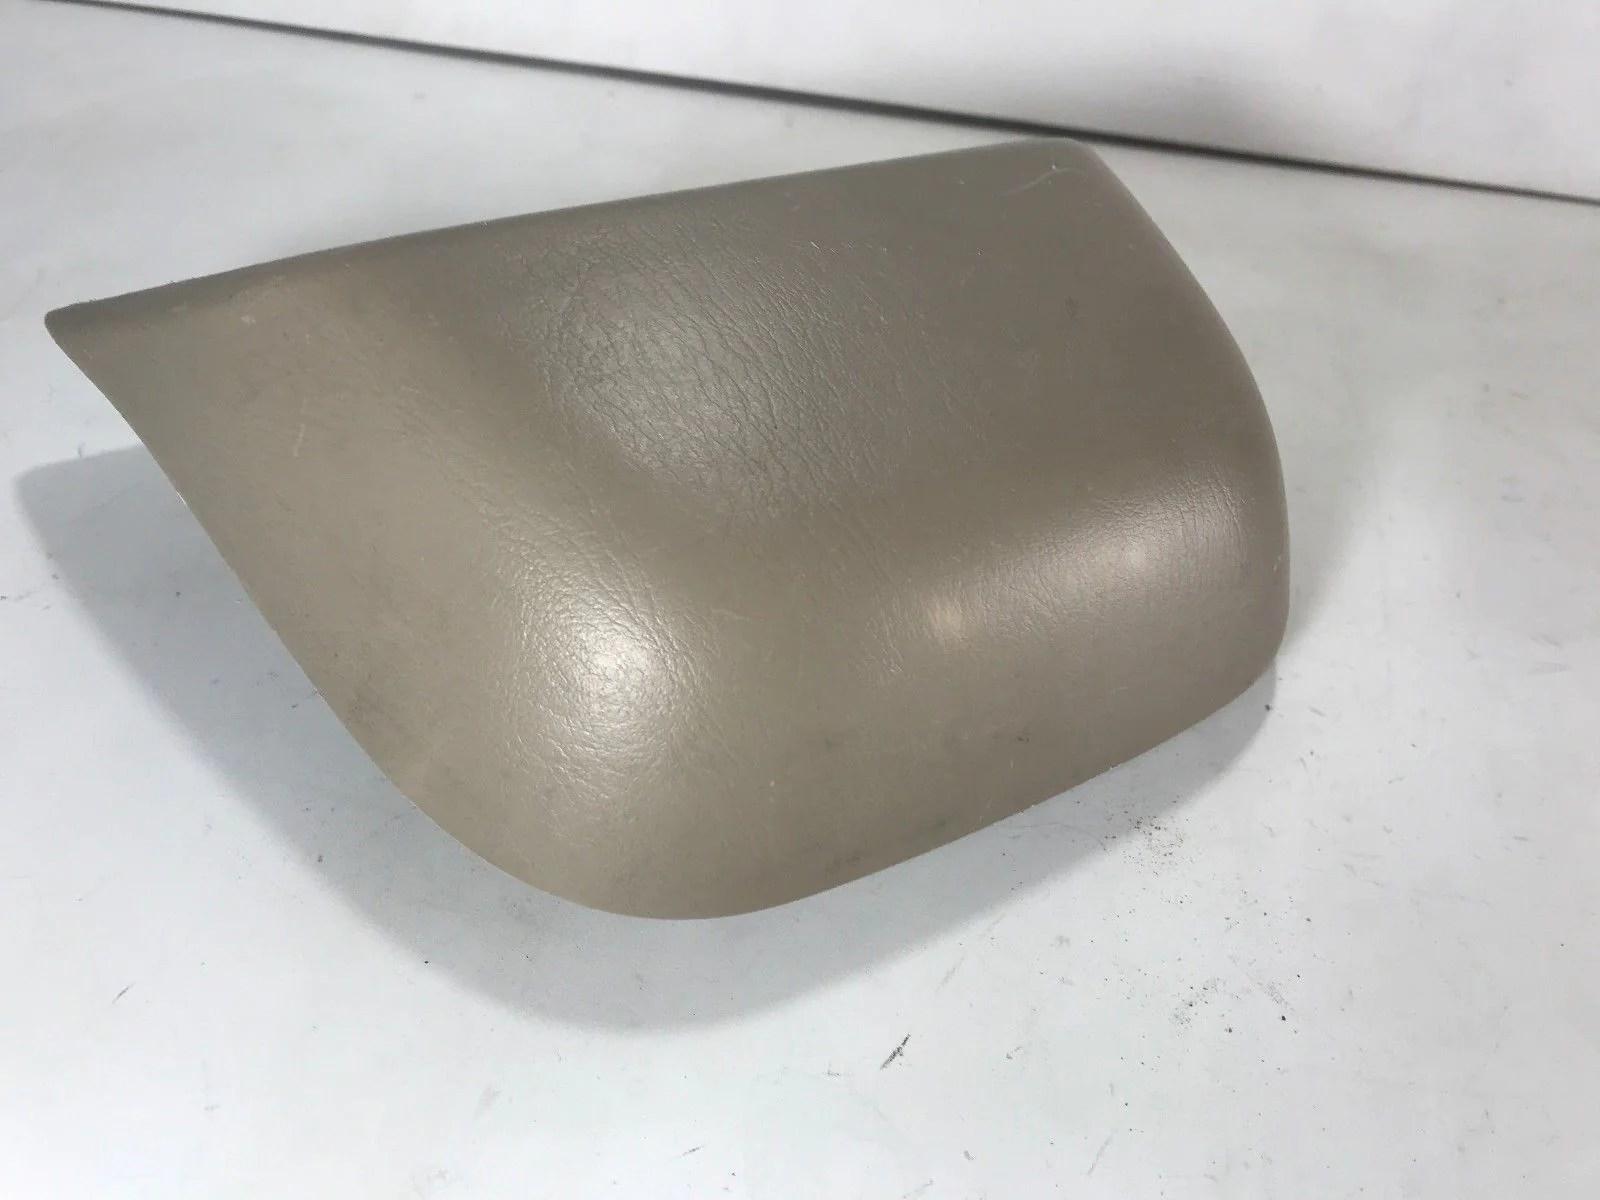 1998 1999 2000 2001 2002 toyota corolla tail light third 3rd brake lamp tan  [ 1600 x 1200 Pixel ]